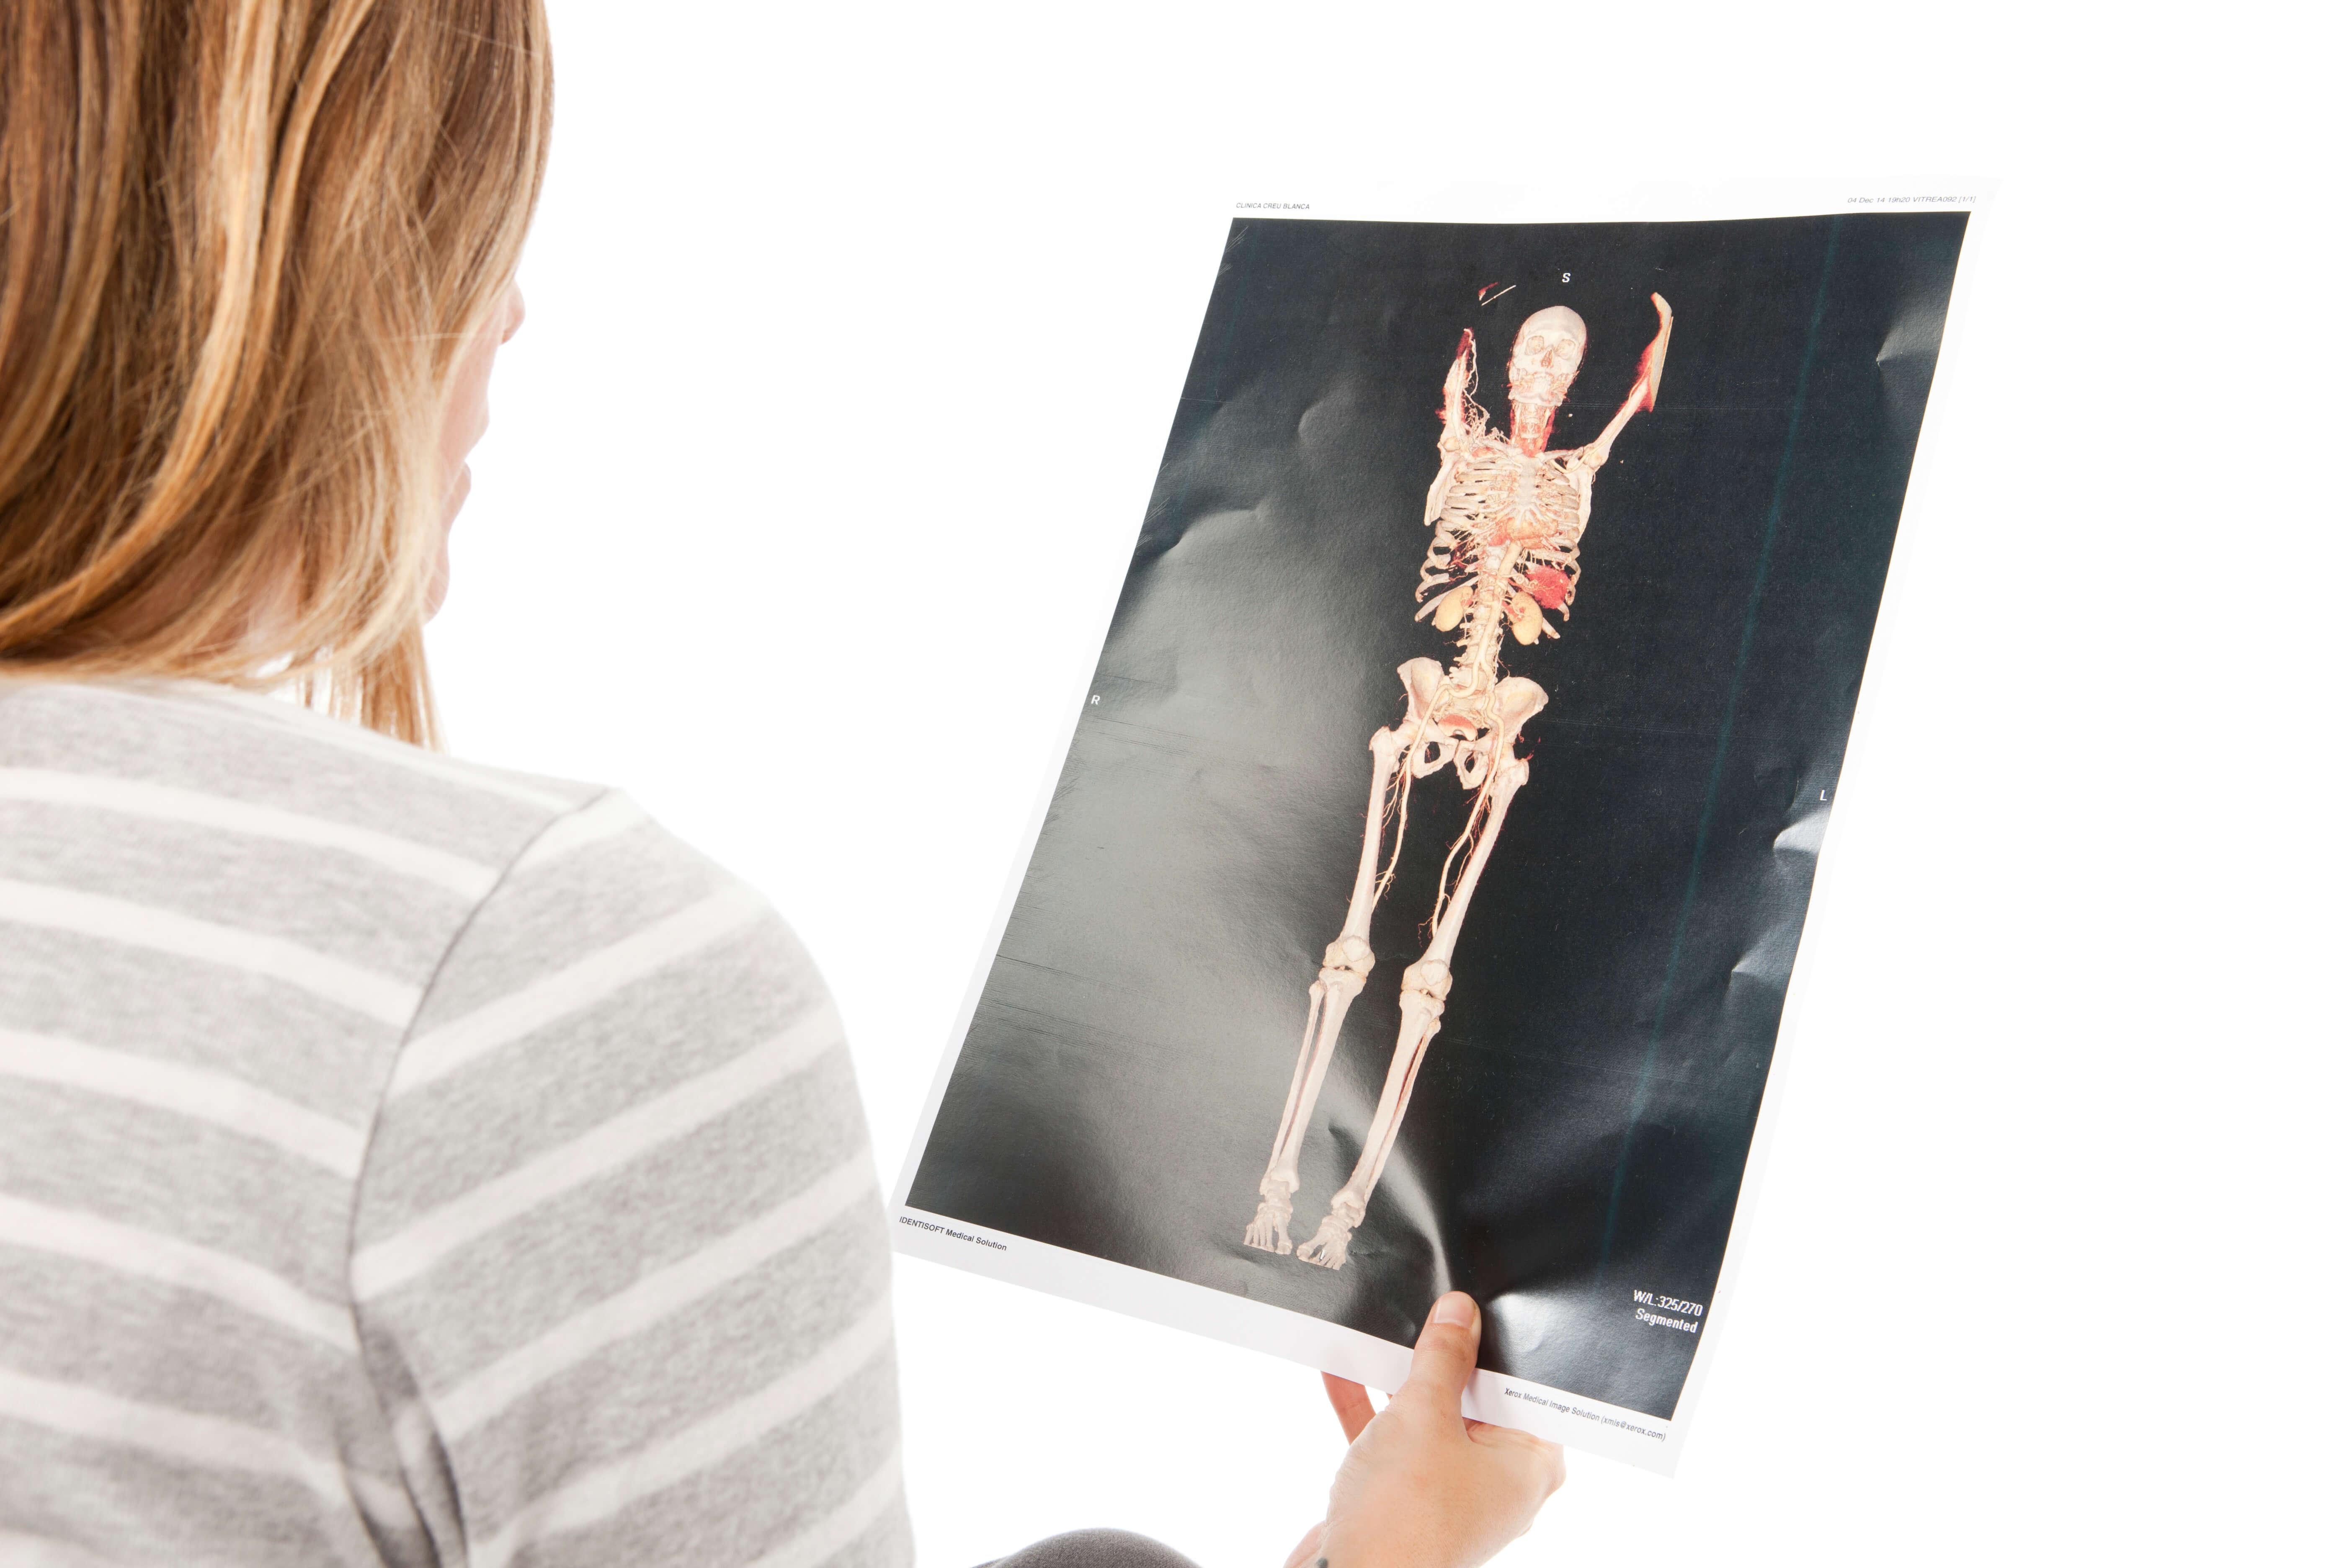 Diagnóstico precoz del cáncer con el chequeo Onco Full Body